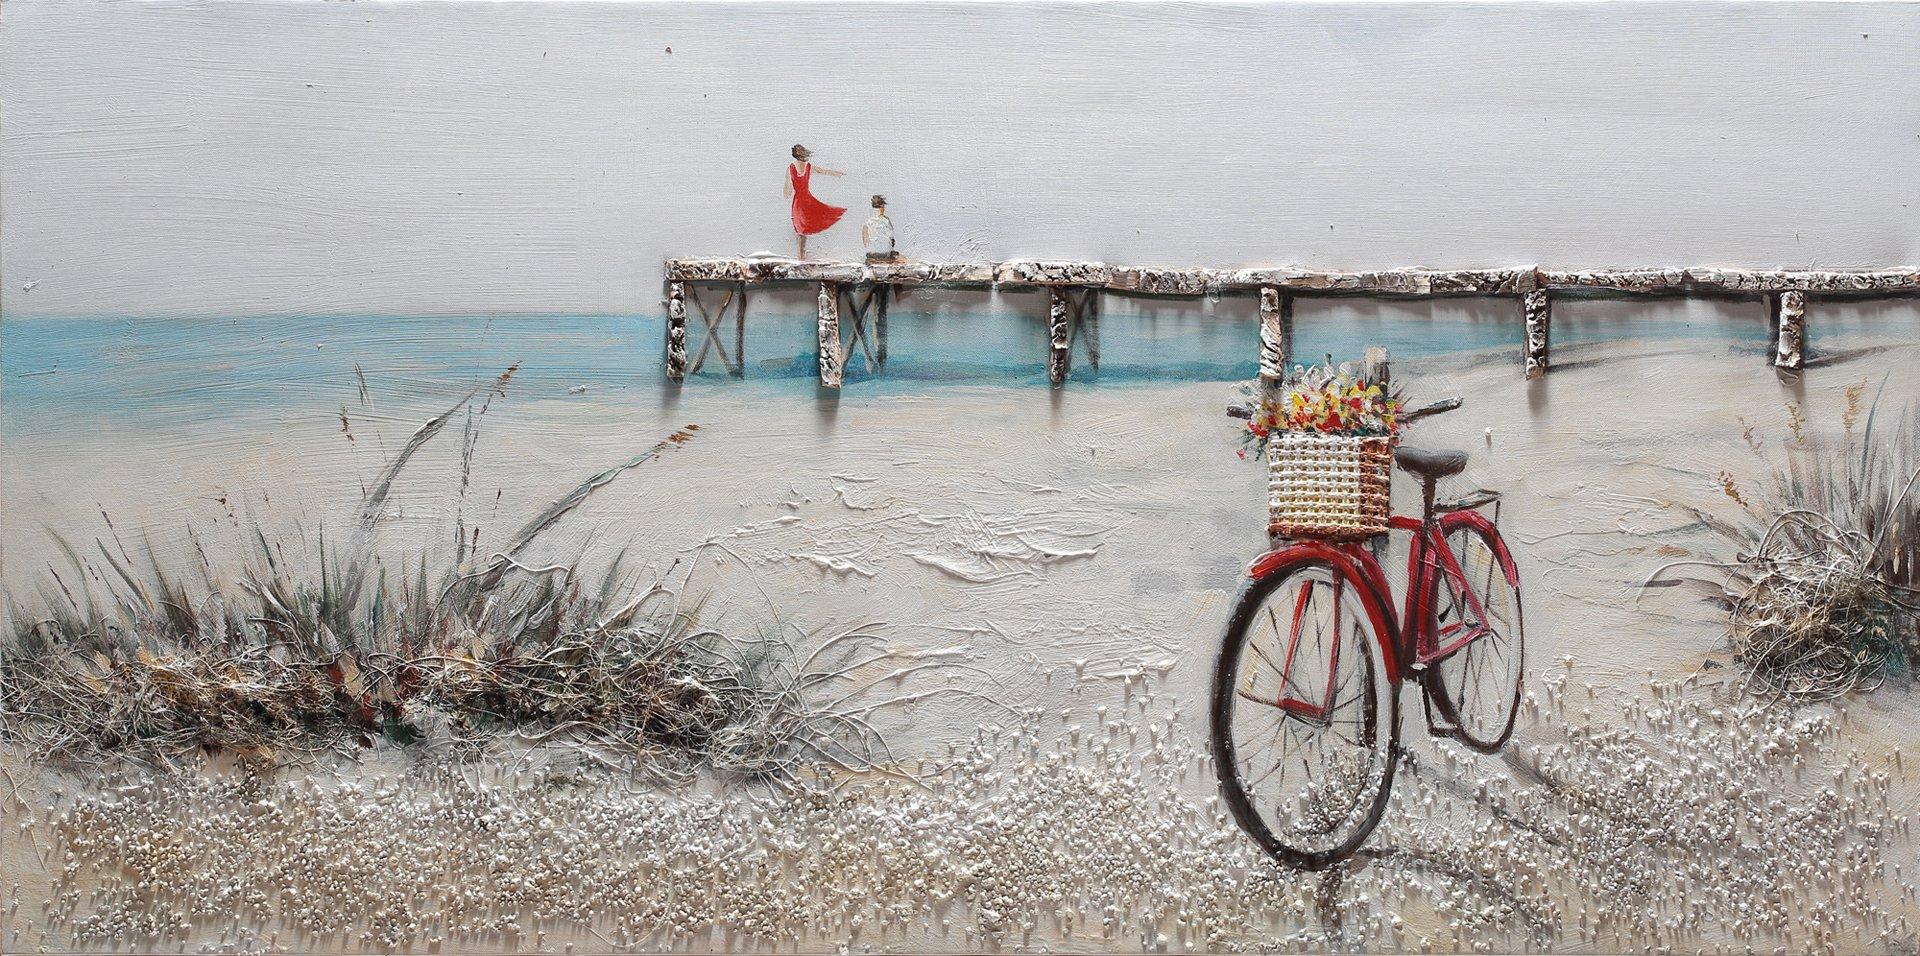 Bubola Cuadro Tricolor pintado a mano playa bicicleta playa Puente de relieve dipiw628 60 x 120: Amazon.es: Hogar